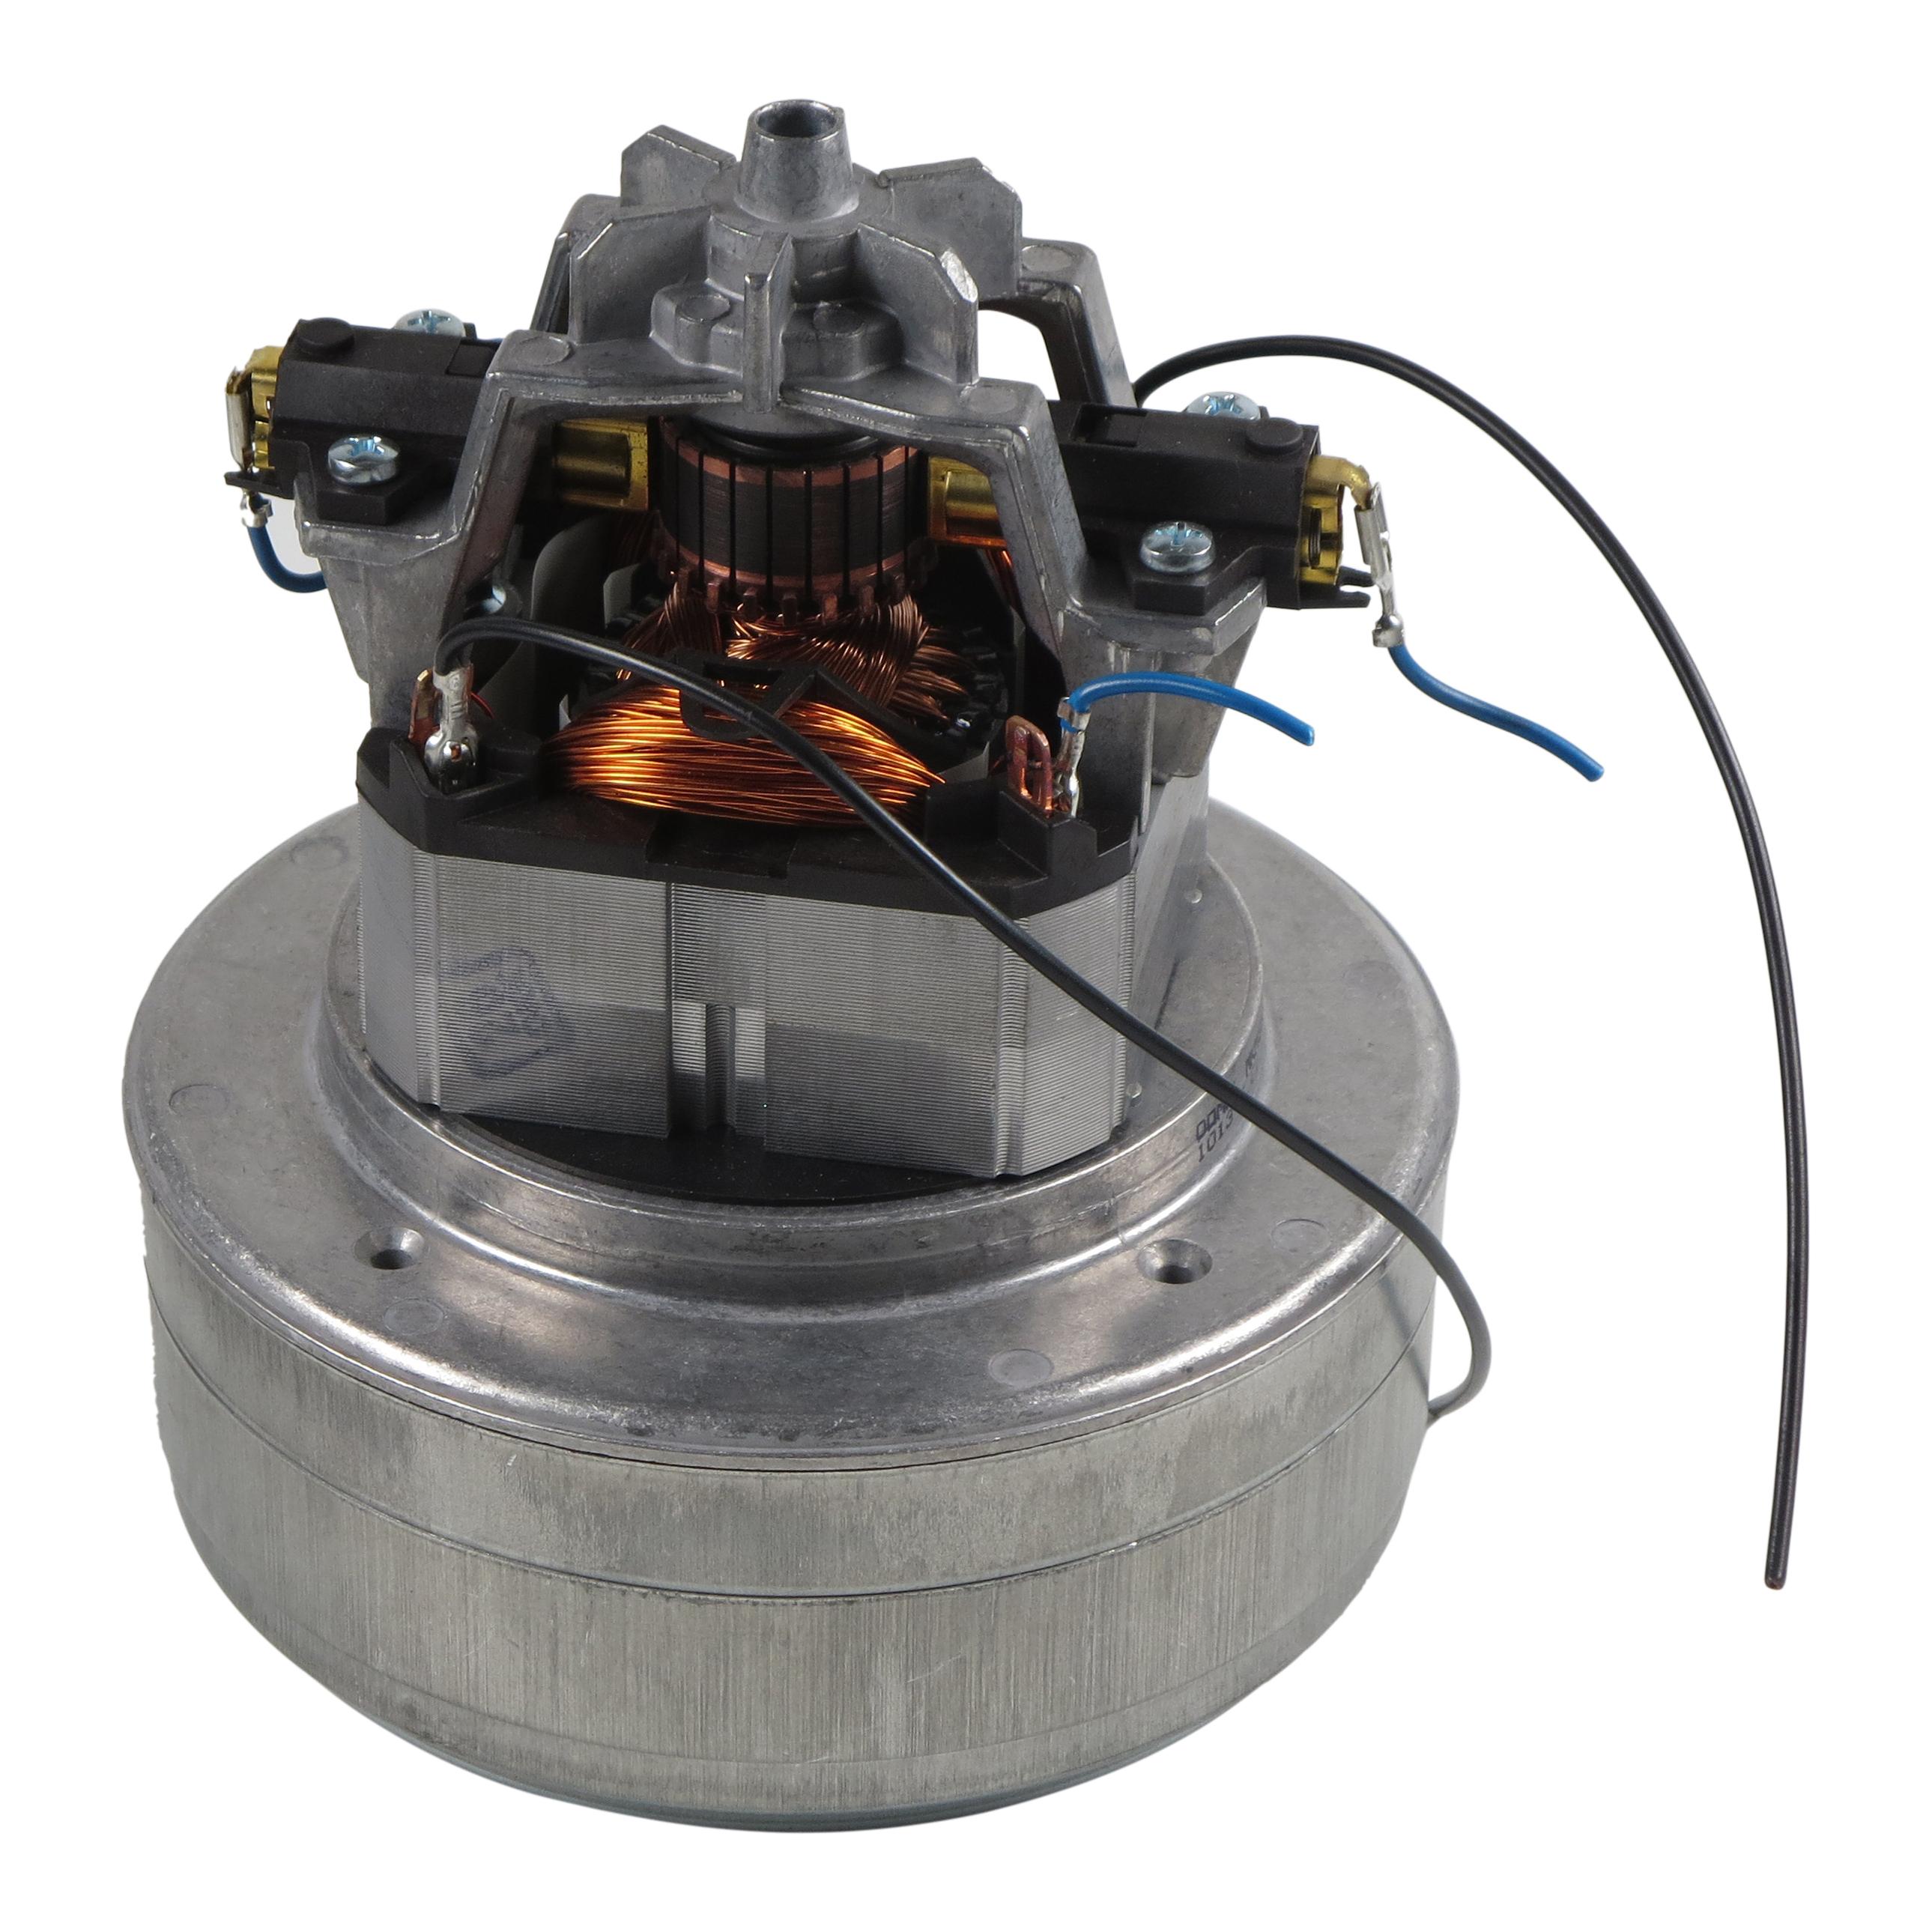 Motor 1000 Watt passend für Vorwerk Tiger 251 mit 700 Watt Staubsauger Tiger 250